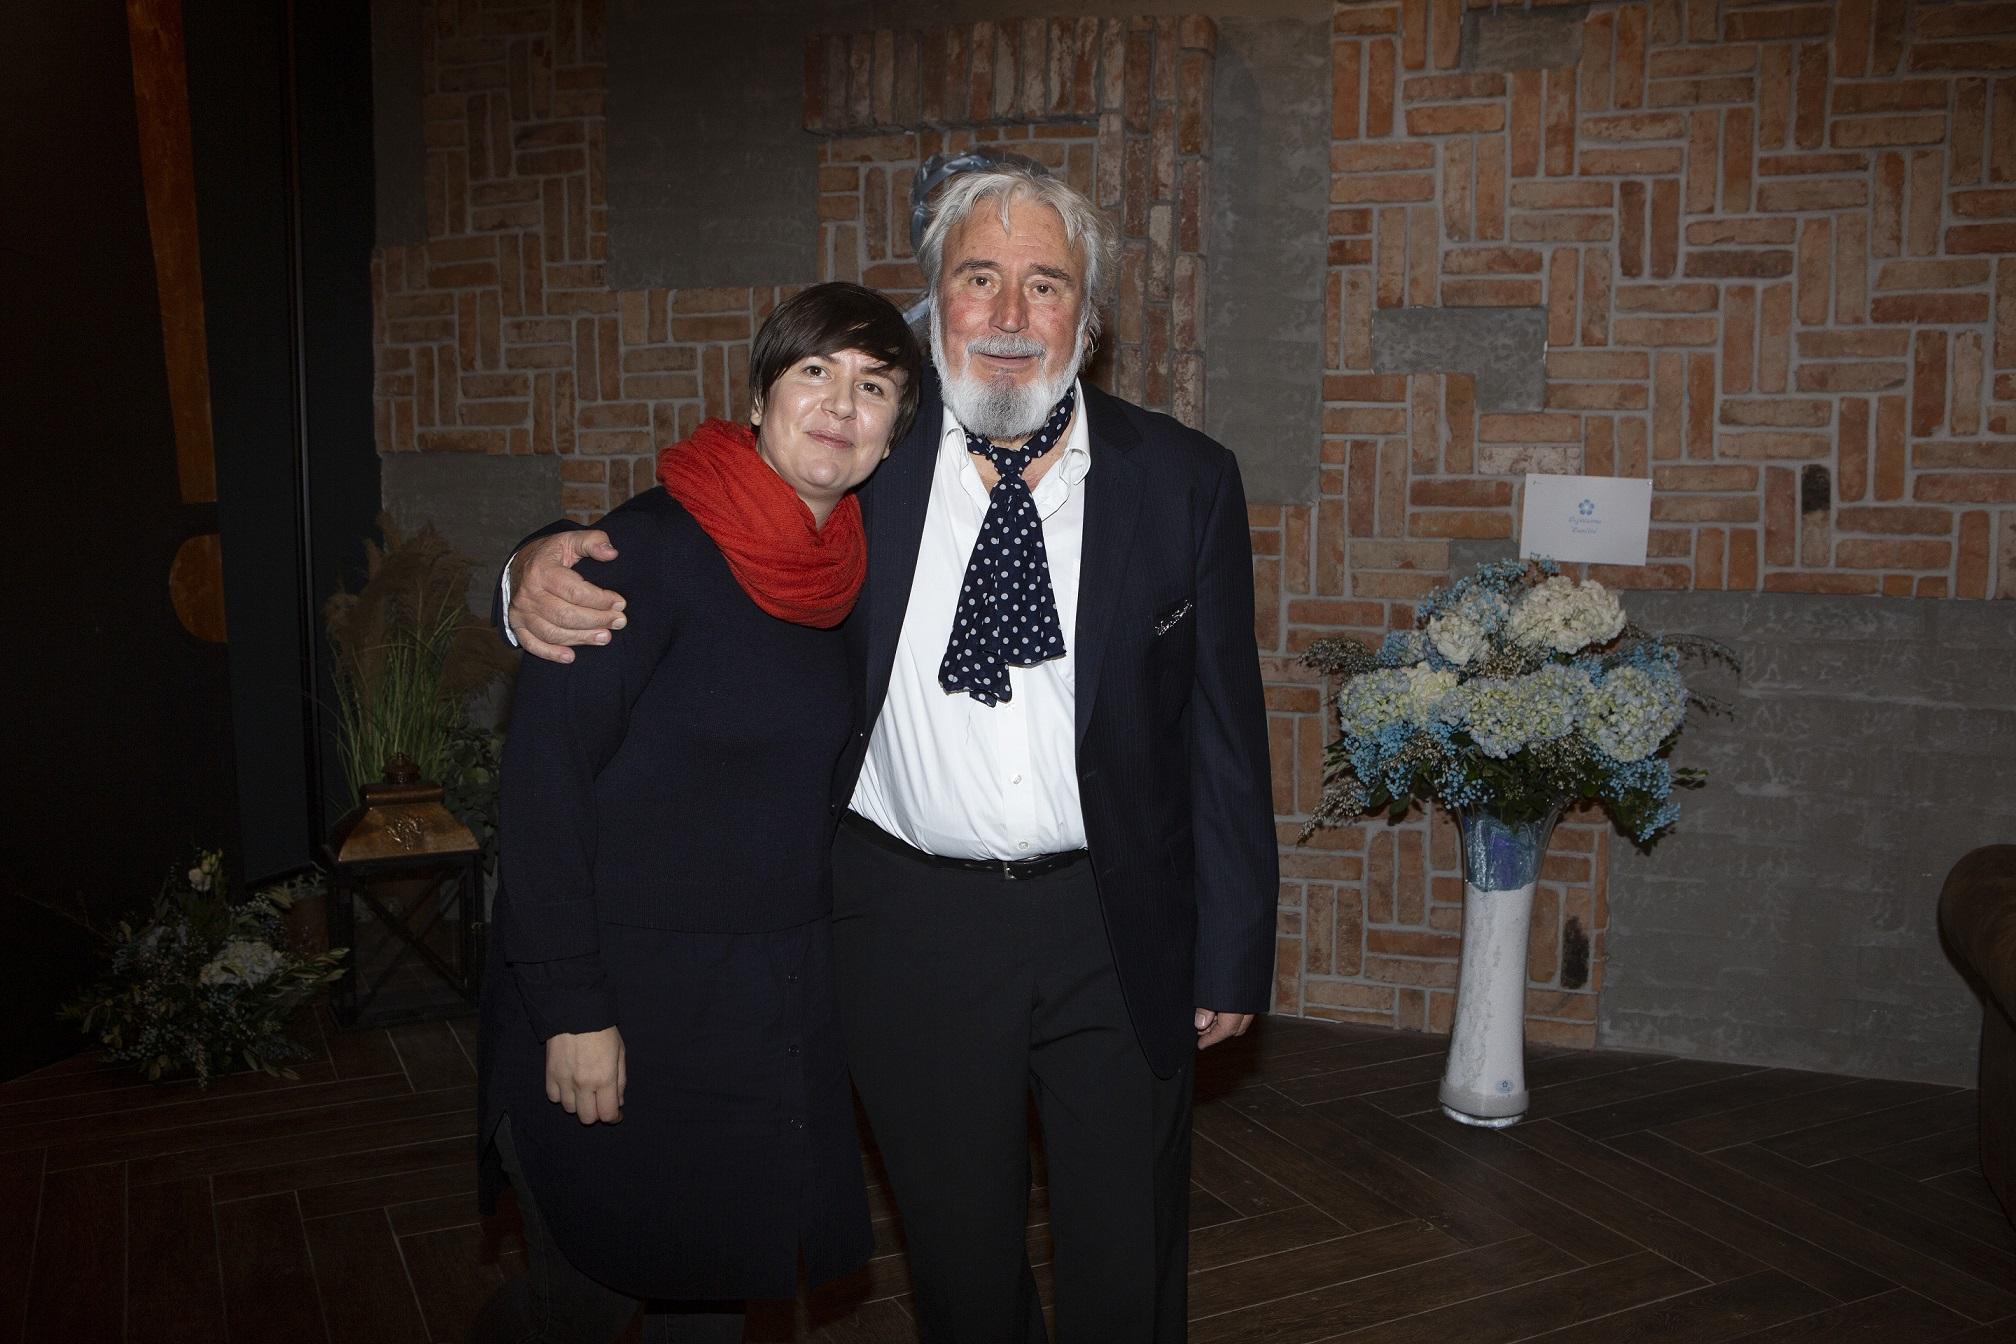 Svi za njega donatorska vecera  Vinar Andro Tomic i kcer Janica Tomic  Loft restoran, Westgate. Fotograf Matej Dokic 280120